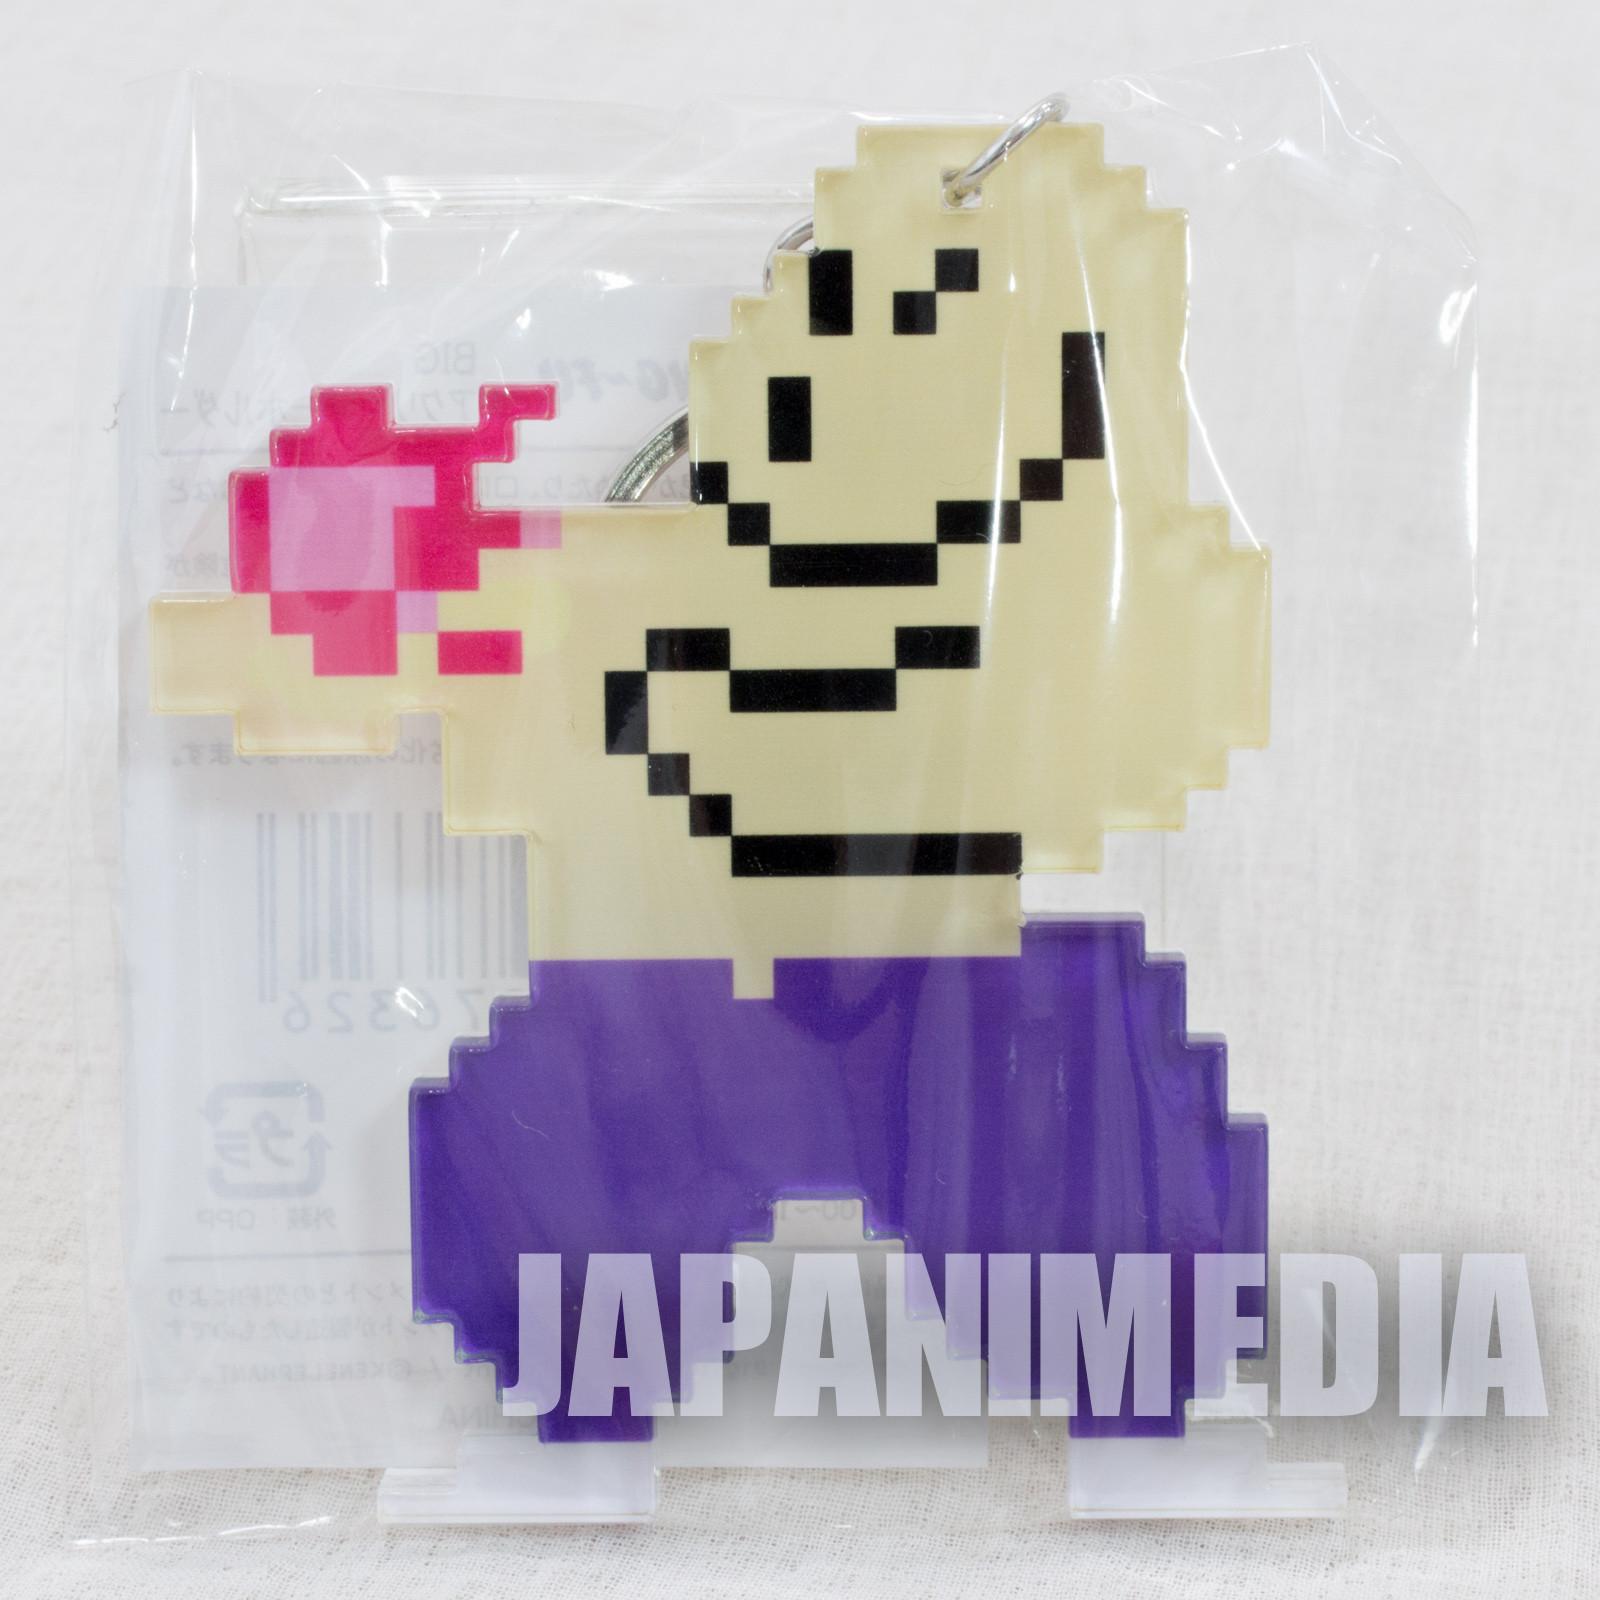 Yie Ar Kung-Fu Big size Acrylic Mascot Keychain KONAMI JAPAN GAME FAMICOM NES